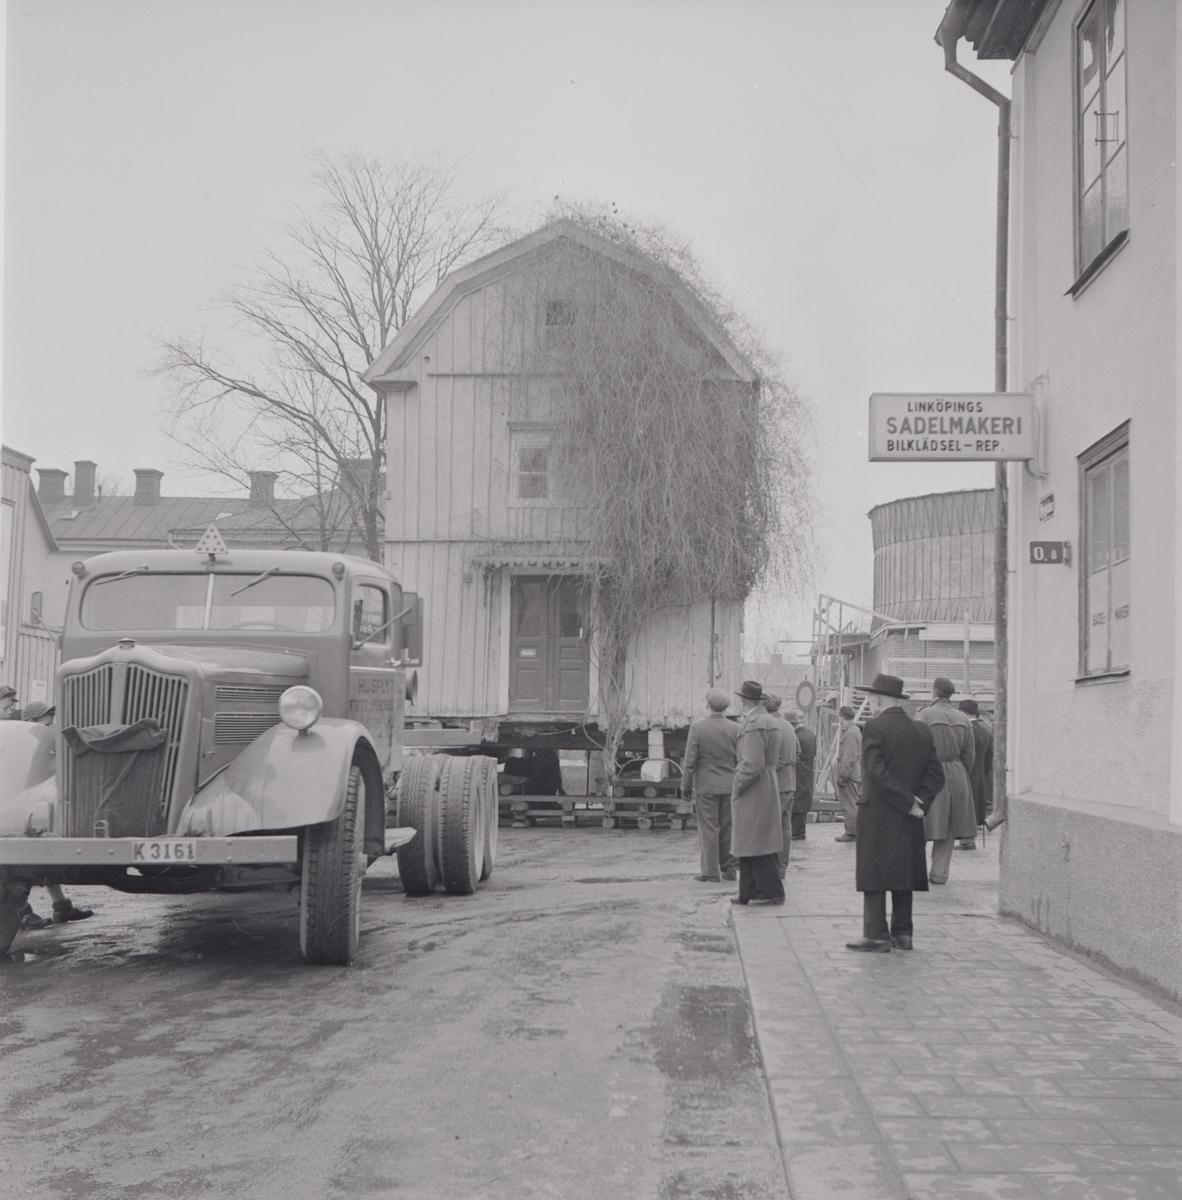 Första husflytten till G:a Linköping år 1952. Här på Nygatan. Mamsellernas hus. Huset flyttades till Gamla Linköping från Nygatan 2. Byggnaden uppfördes vid sekelskiftet 1800 av landssekreteraren Vilhelm Pereswetoff-Morath, som bostadshus för sina anställda, själv bodde han vid Stora torget. Planlösningen är enkel och ålderdomlig. Den har en gavelentré som leder först till en förstuga och därefter ett genomgående kök och ett rum. År 1822 köptes den av hushållsmamsell Karin Laurin, som sålde den 1858 till mamsell Emilia Pettersson.